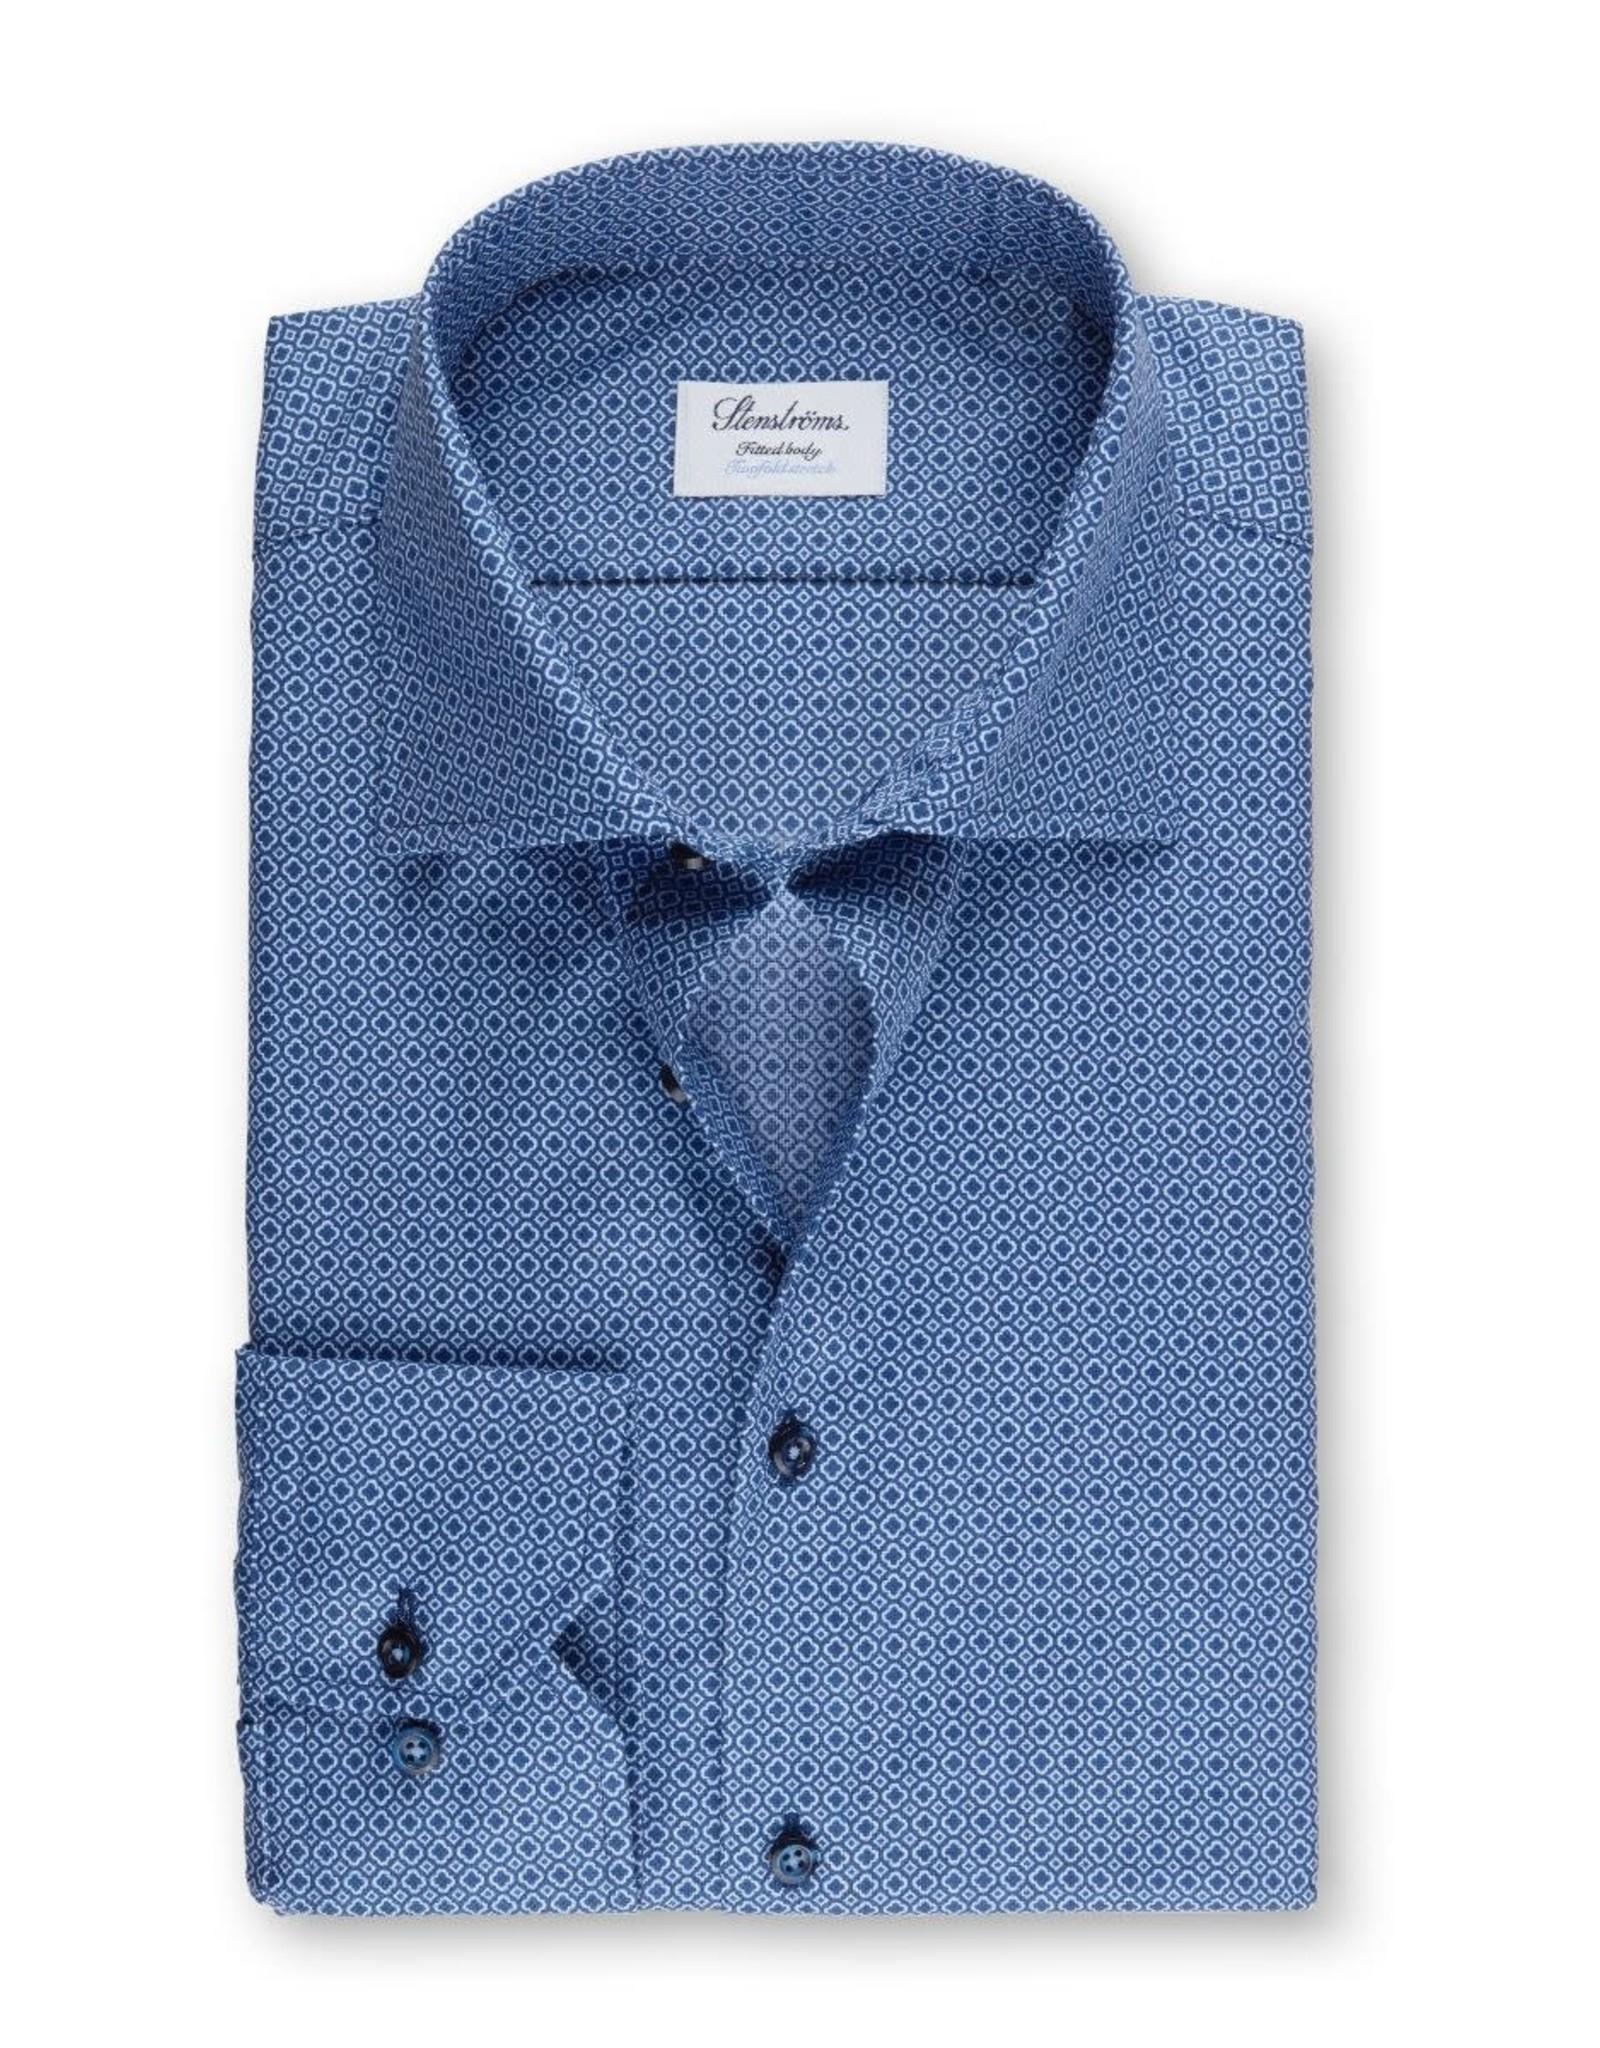 Stenstroms Stenstroms Slimline Dress Shirt